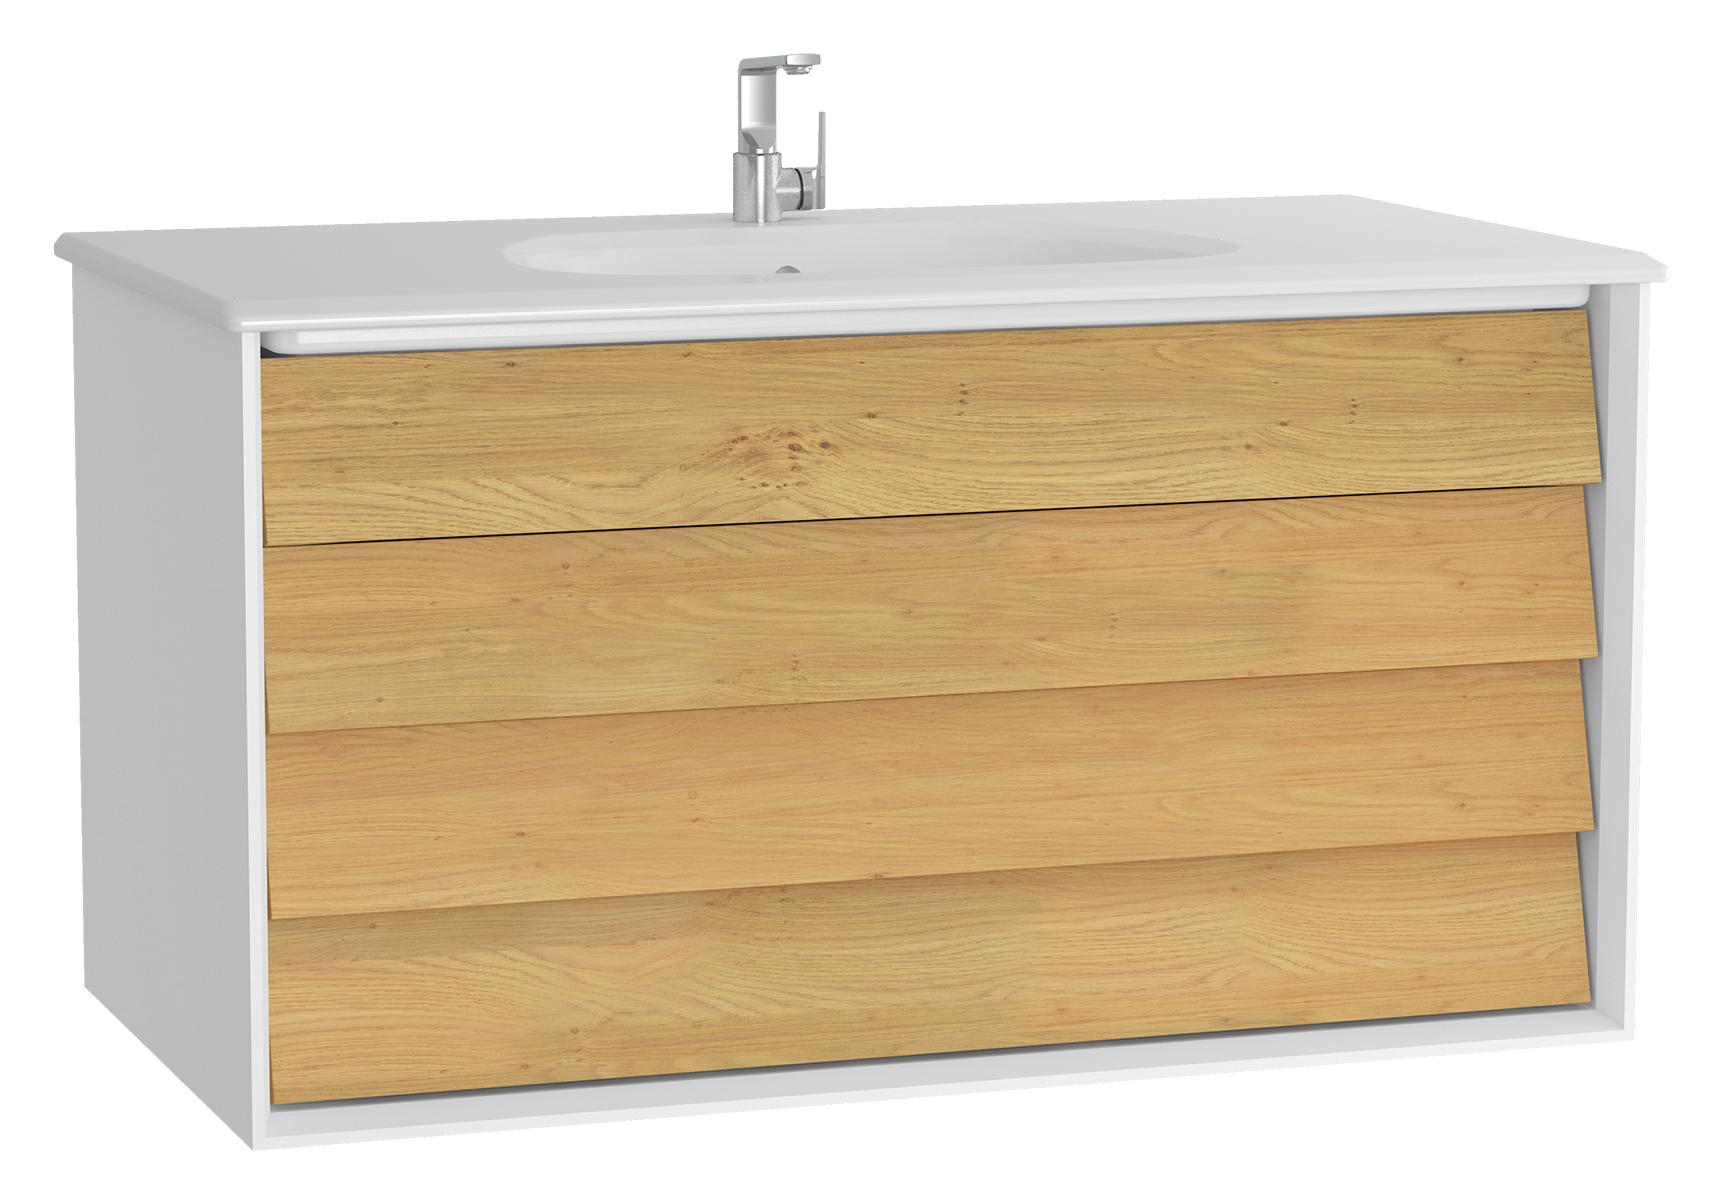 Frame meuble avec plan céramique, 102,5 cm, mat blanc, avec blanc plan céramique